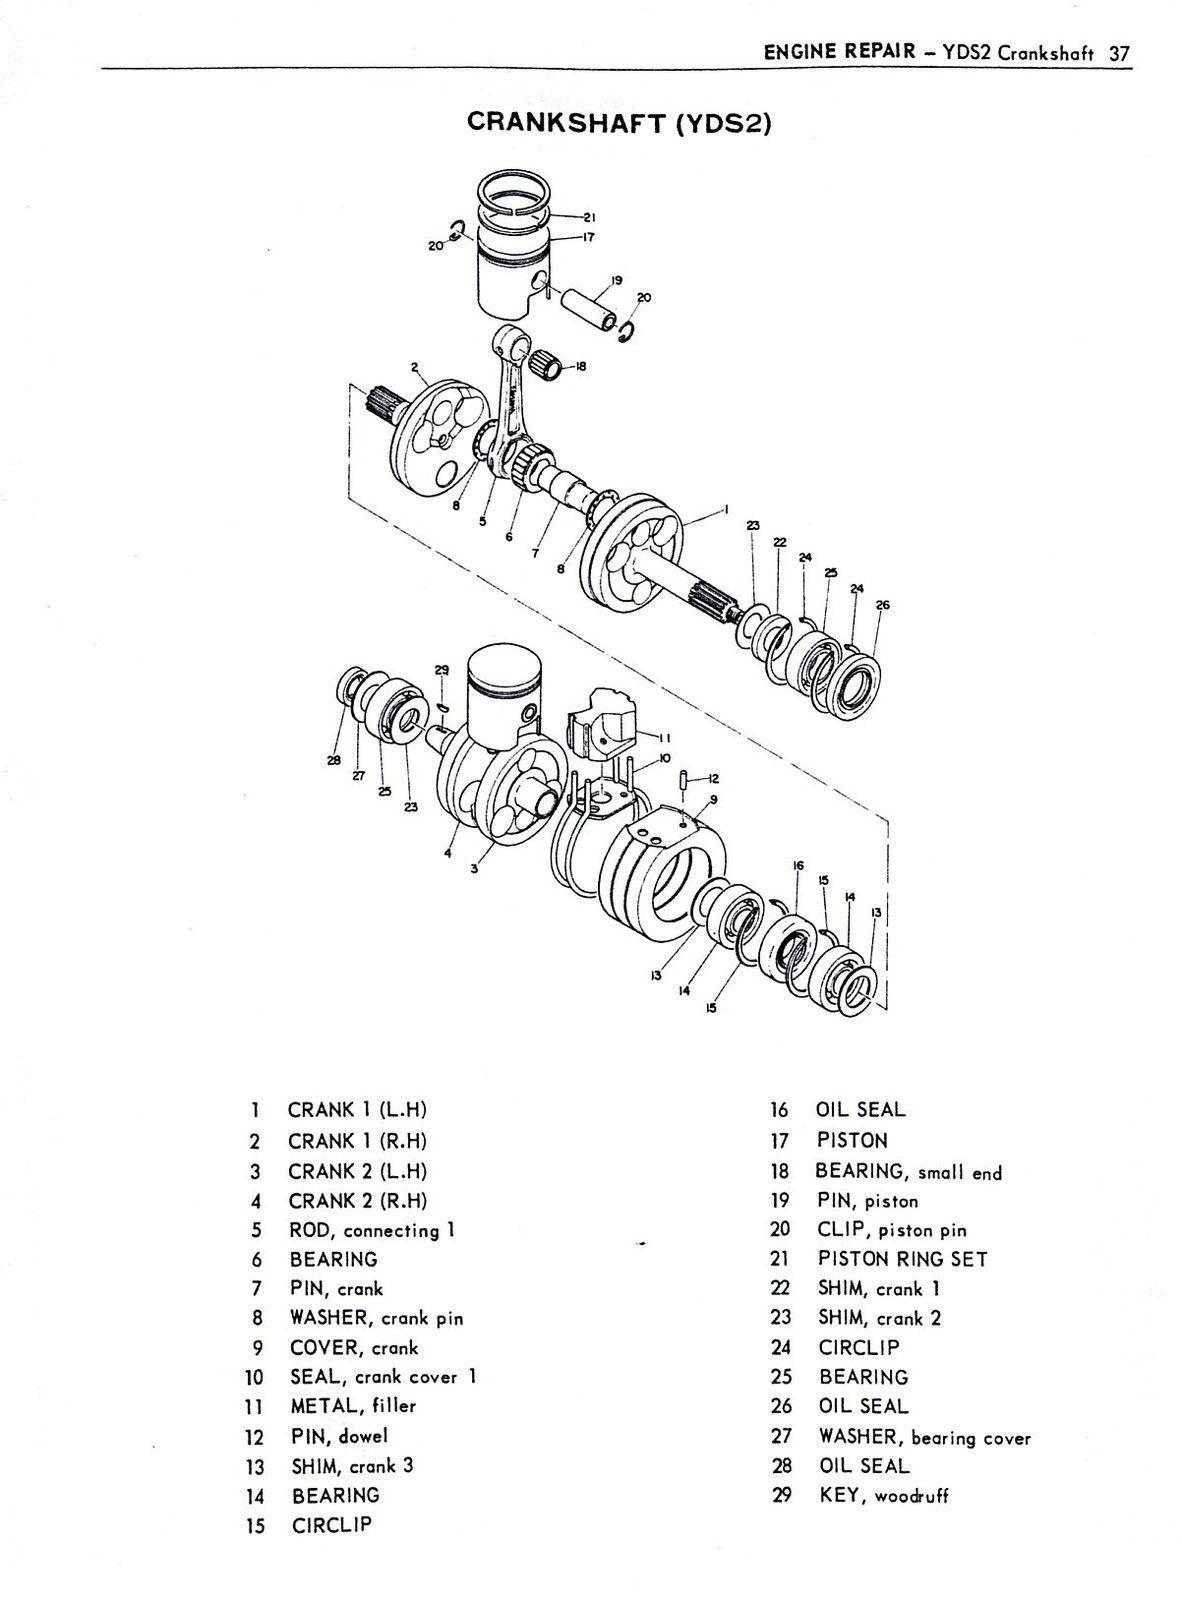 medium resolution of 1962 1966 250 305 yamaha twins service manual ym1 yd3 yds2 yds3c vjmc yd2 yds1 ebay